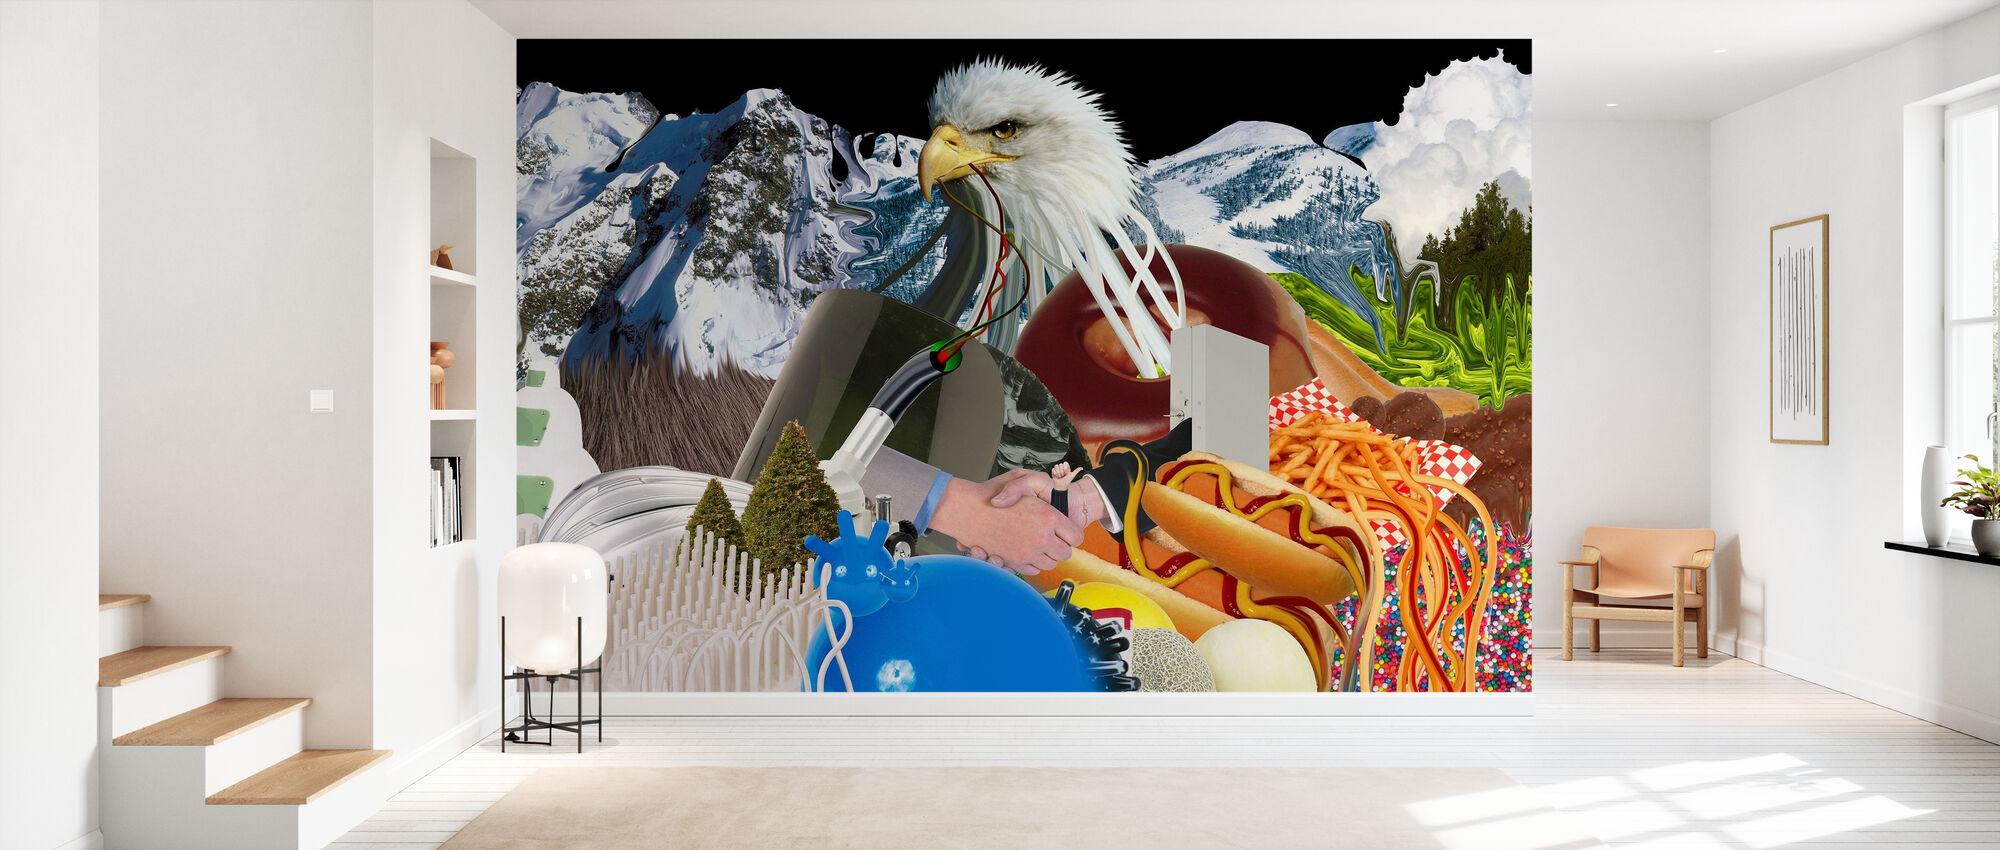 Tout universel - Eaglemountain - Papier peint - Entrée